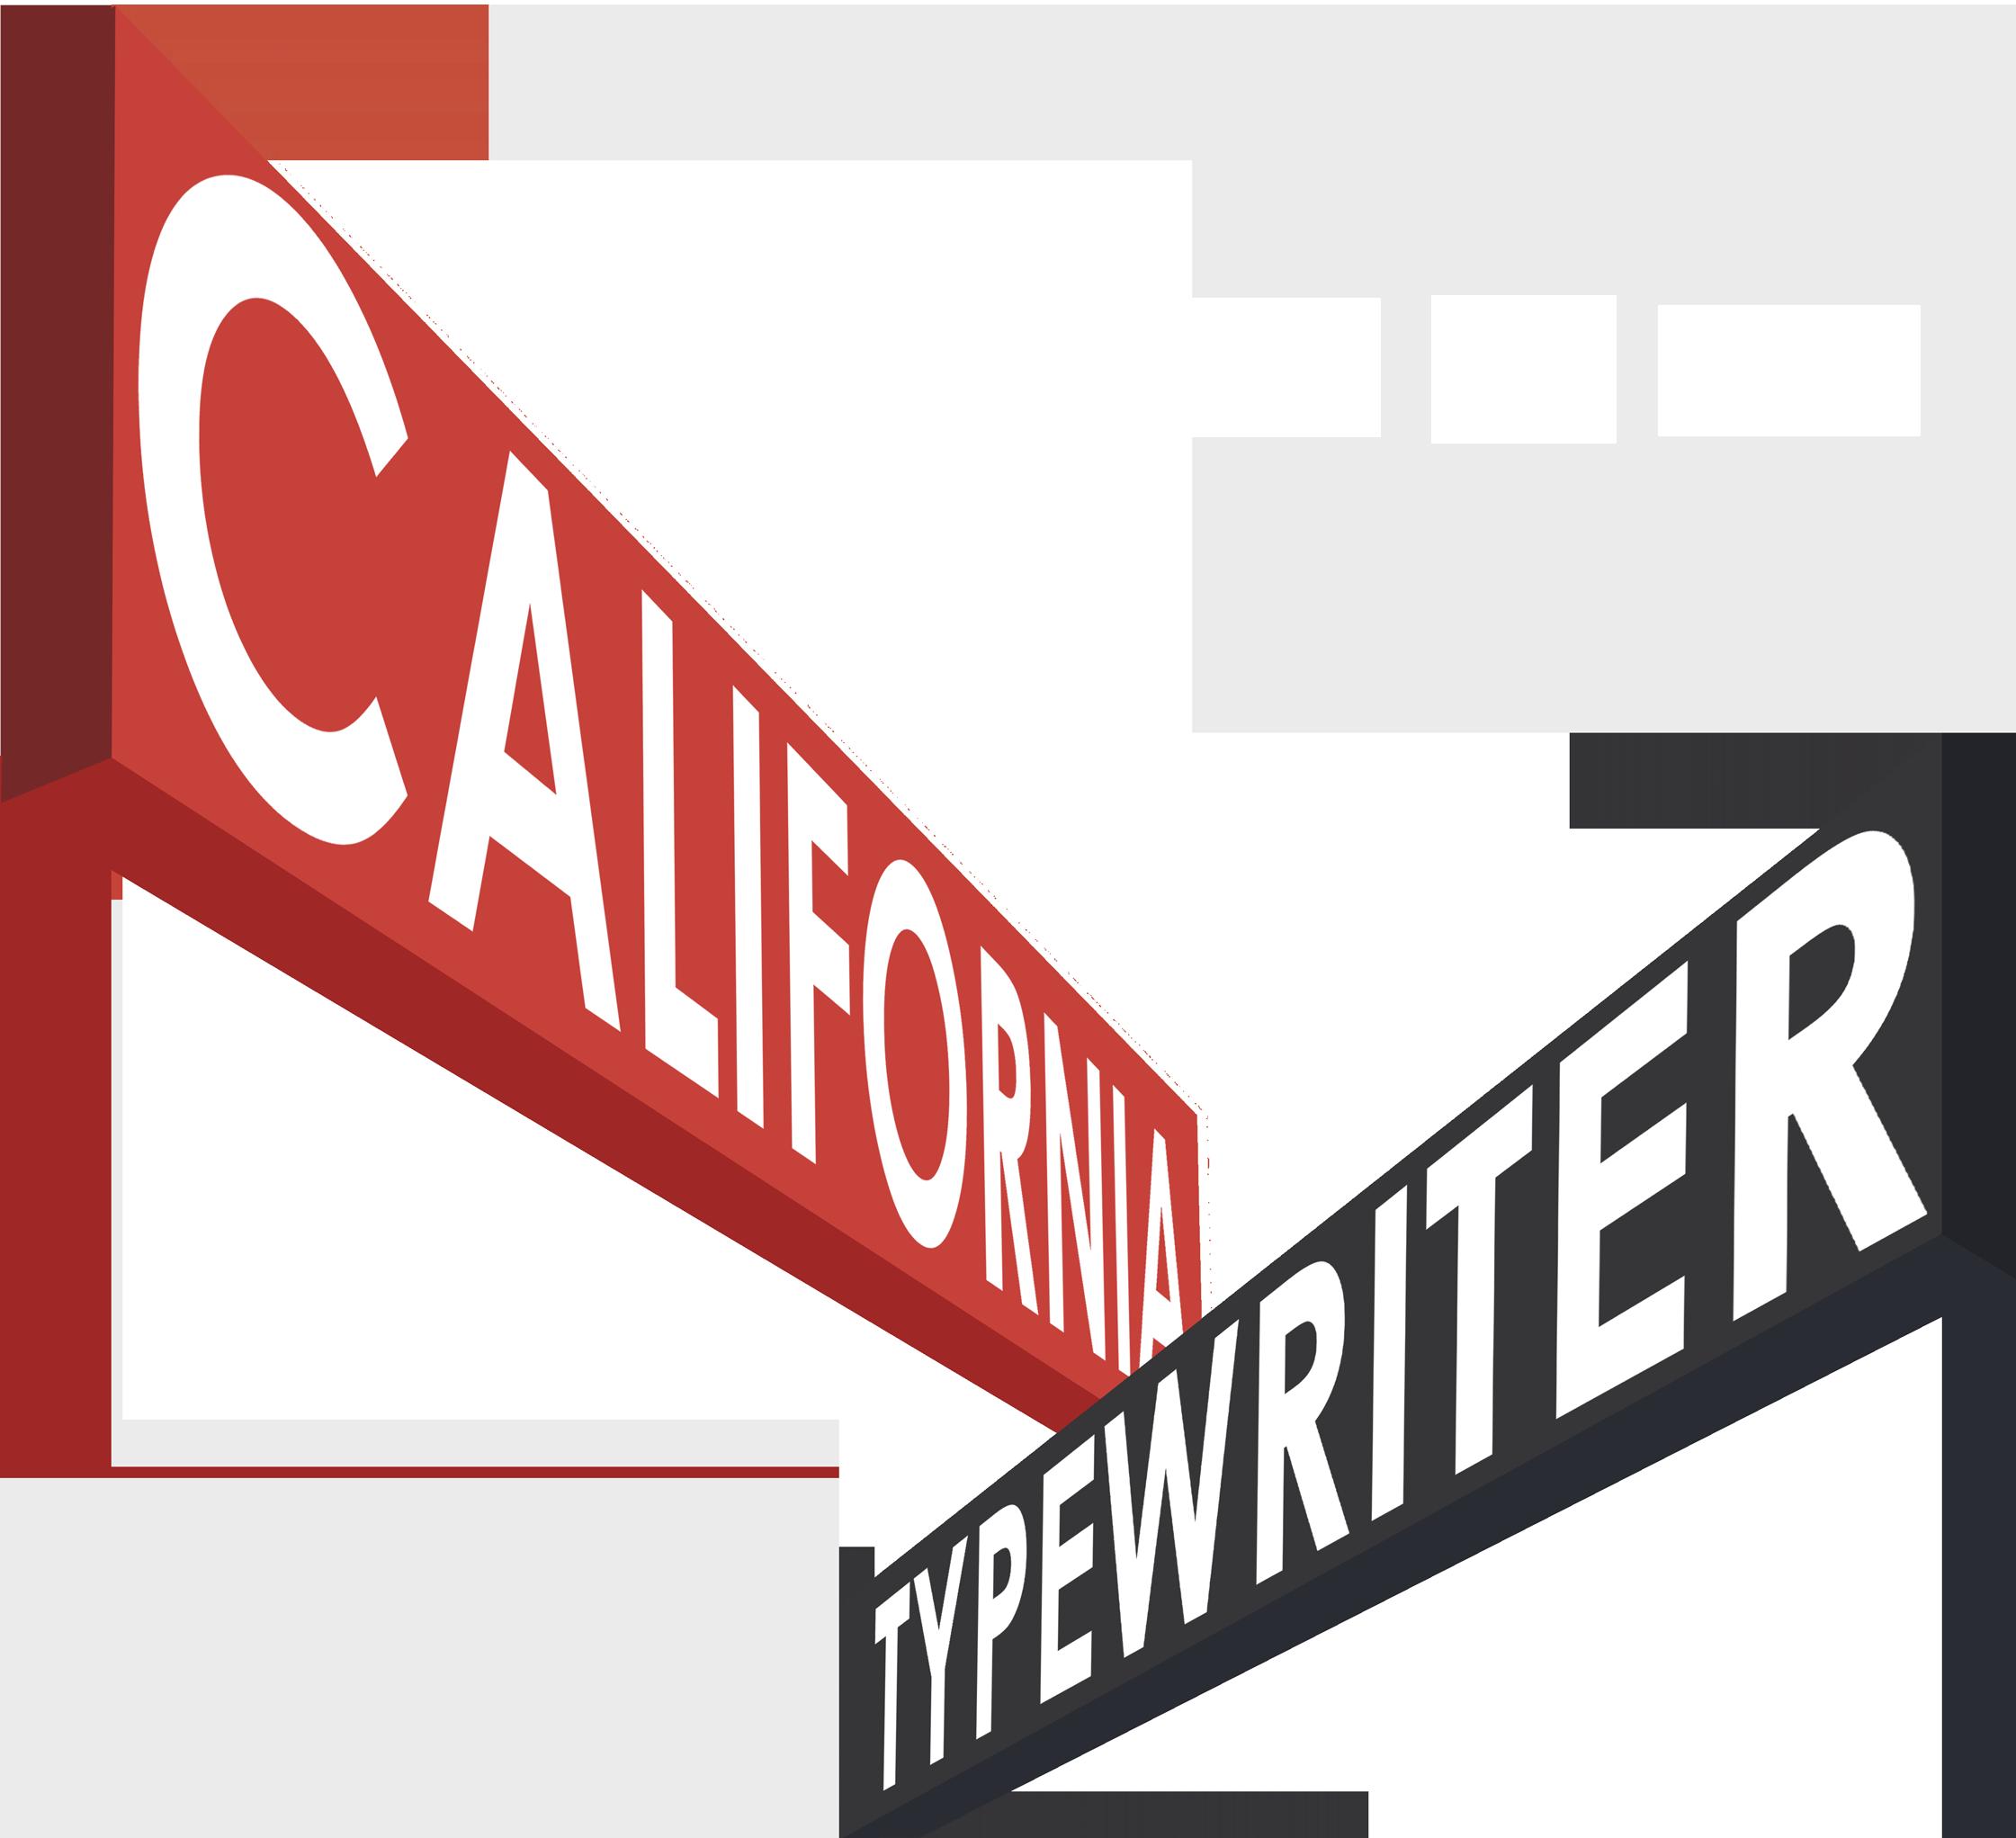 California Typewriter Logo with Laurels